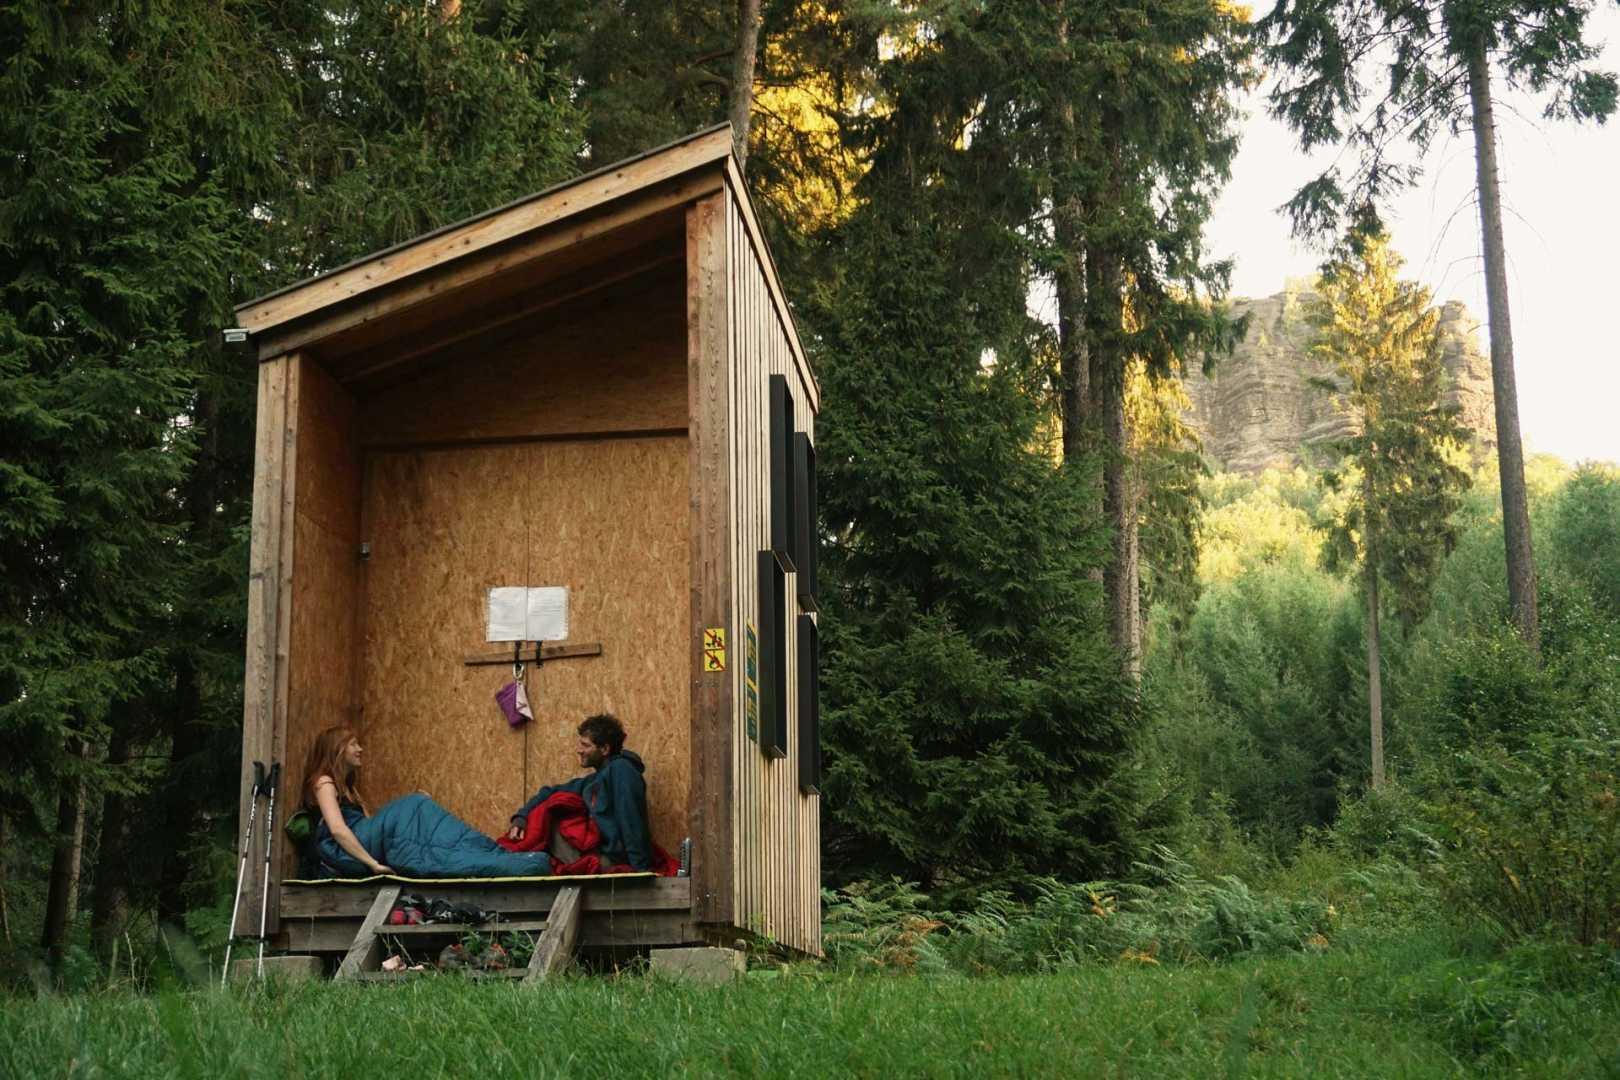 Legales Wildcampen in Deutschland mit Zelt - Biwakplatz Sächsische Schweiz